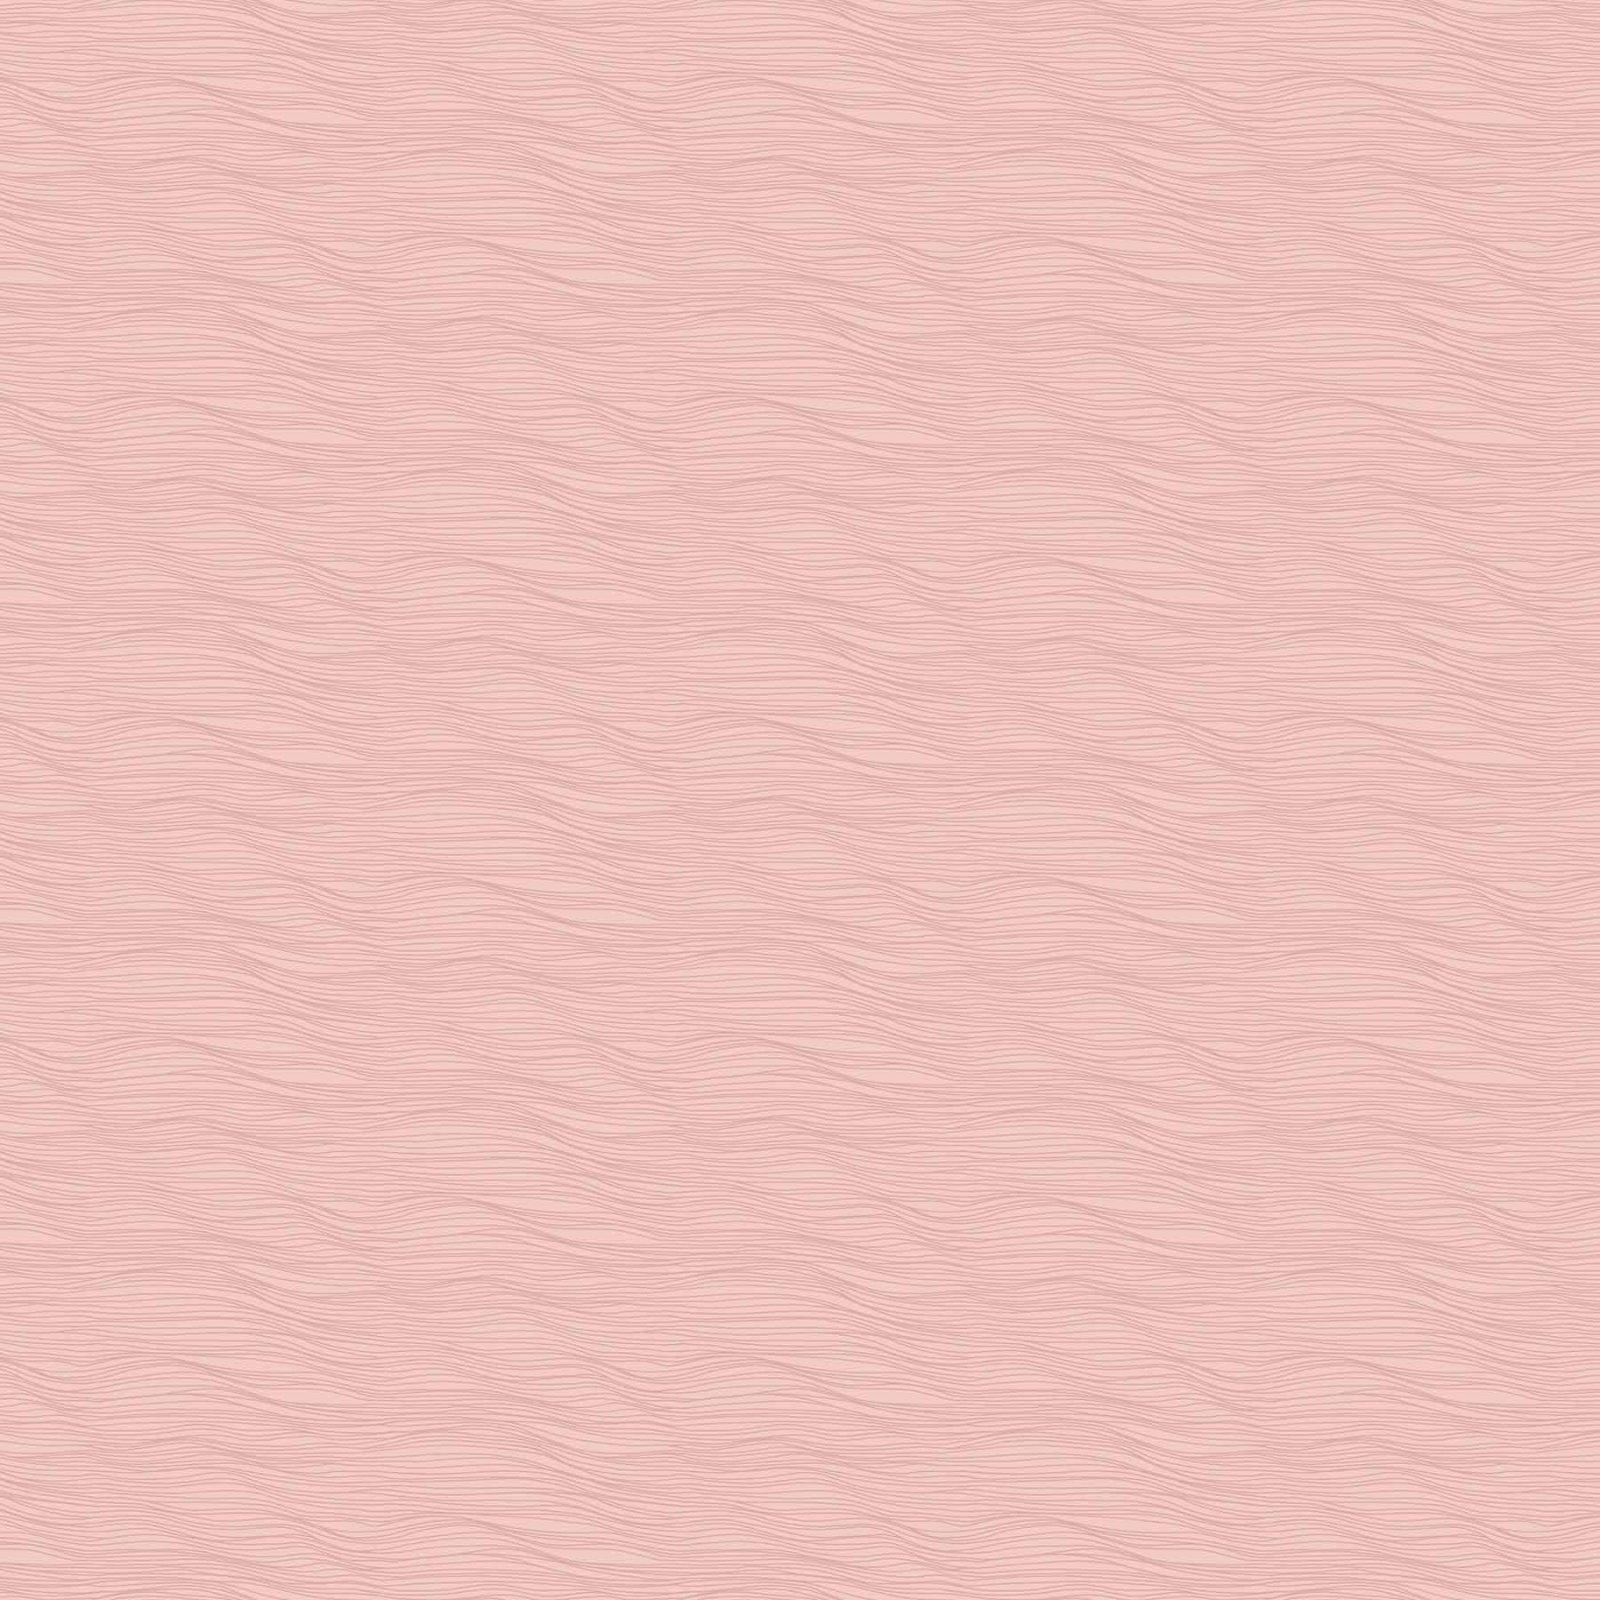 Pink - Water - FIGO Elements - 92008 20